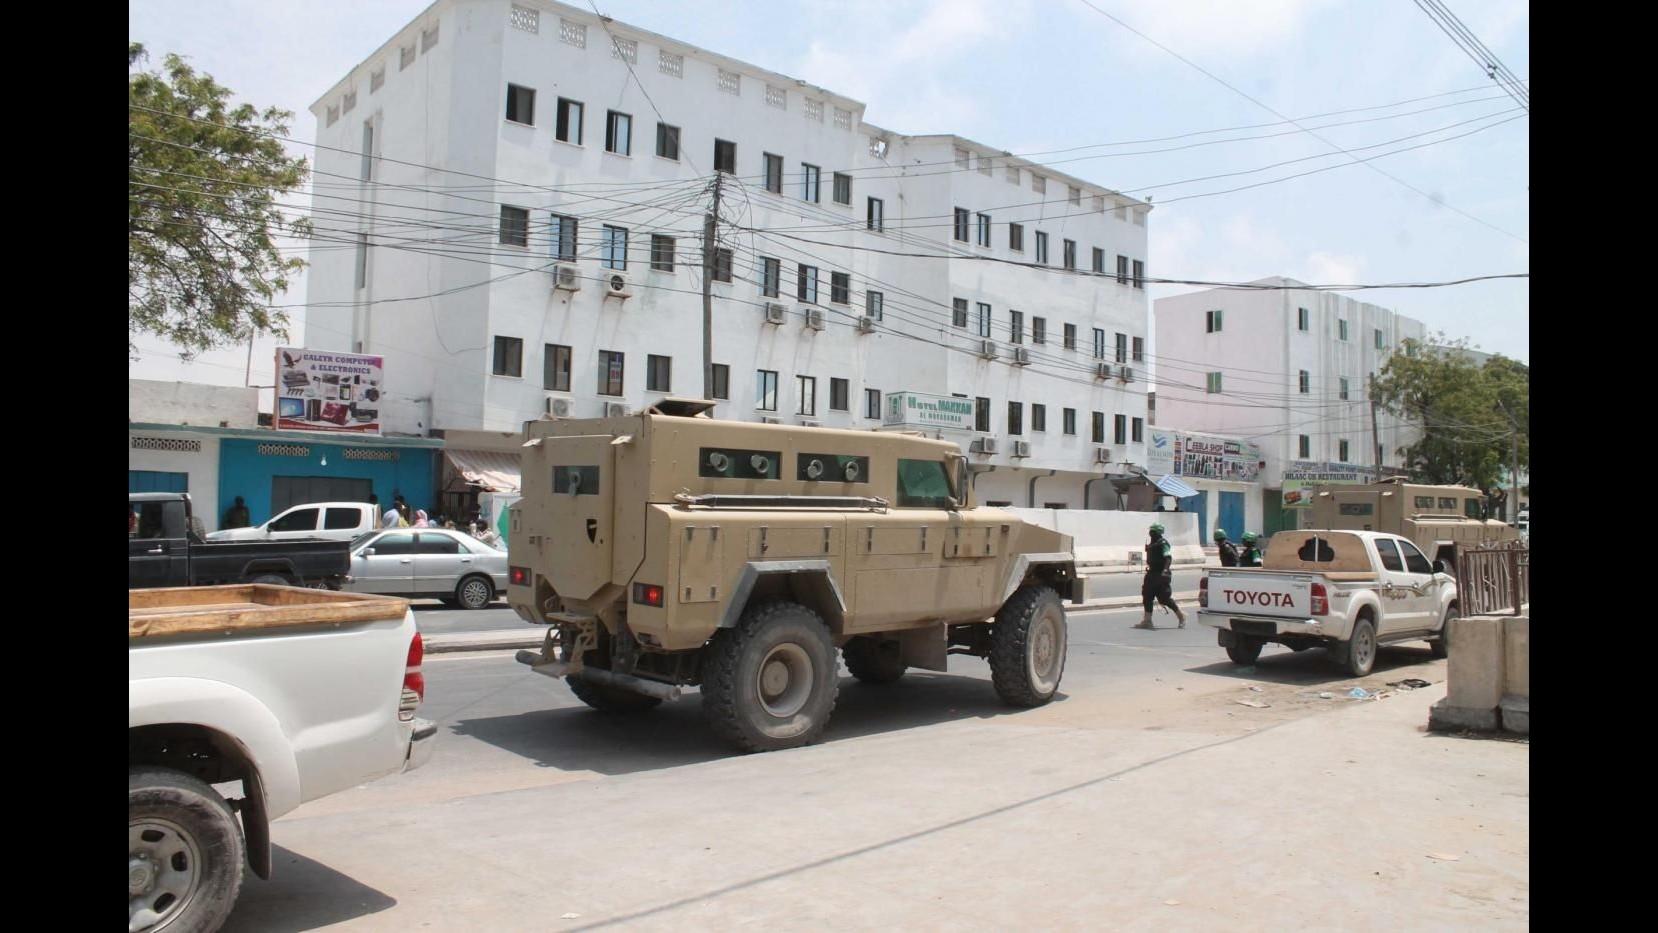 Somalia, attacco a hotel di Mogadiscio, almeno 15 morti. Rivendicazione di Al-Shabaab